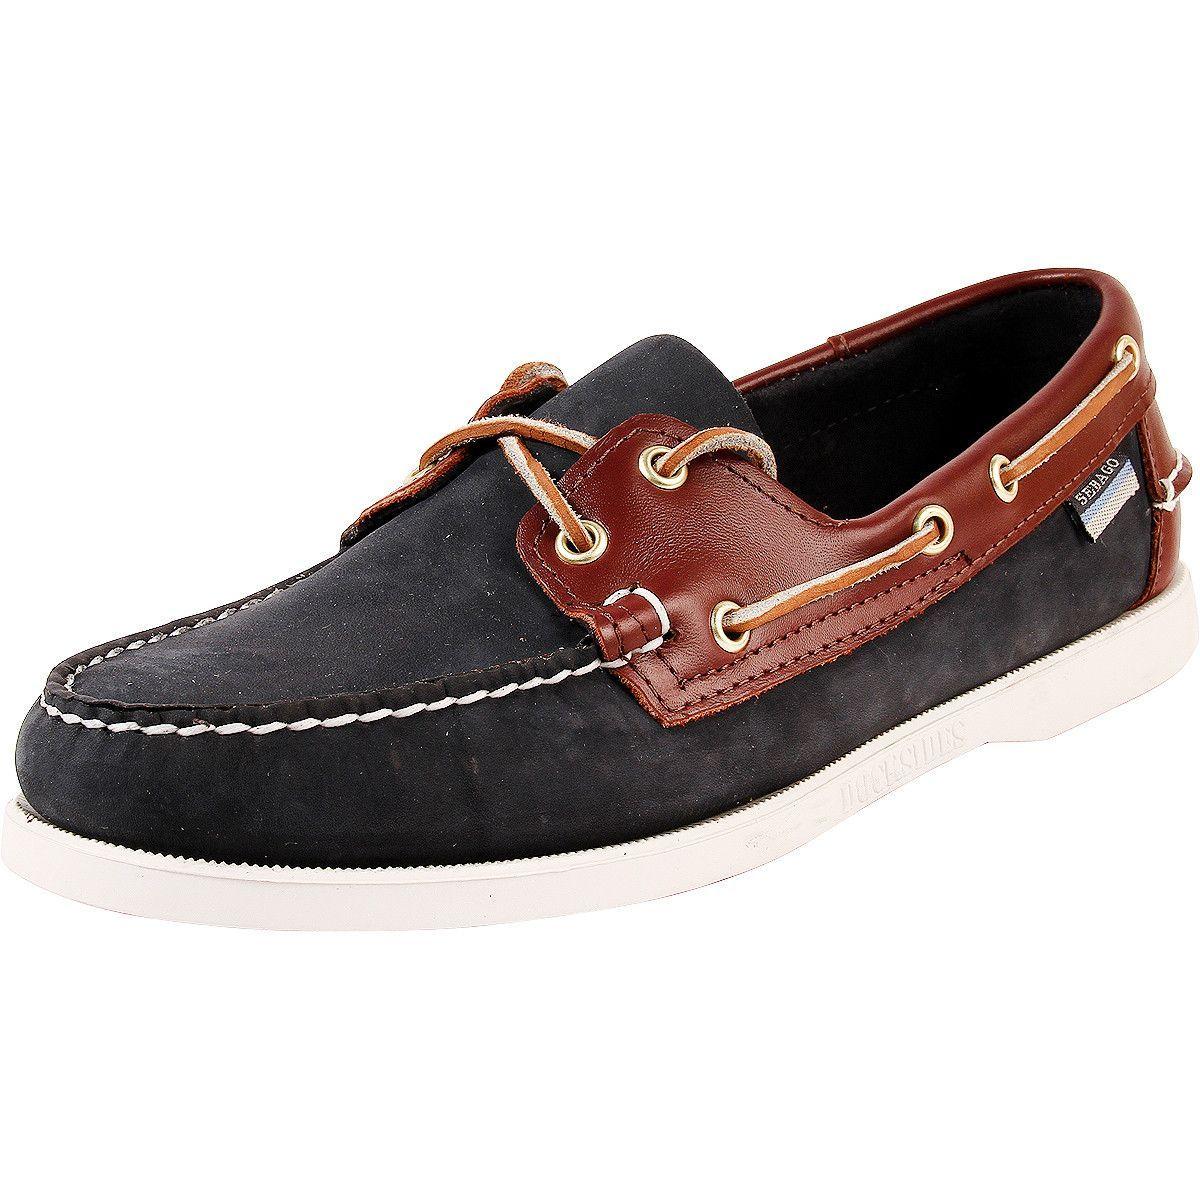 Sebago - Men's Spinnaker Leather Boat Shoes - Blue/Brown